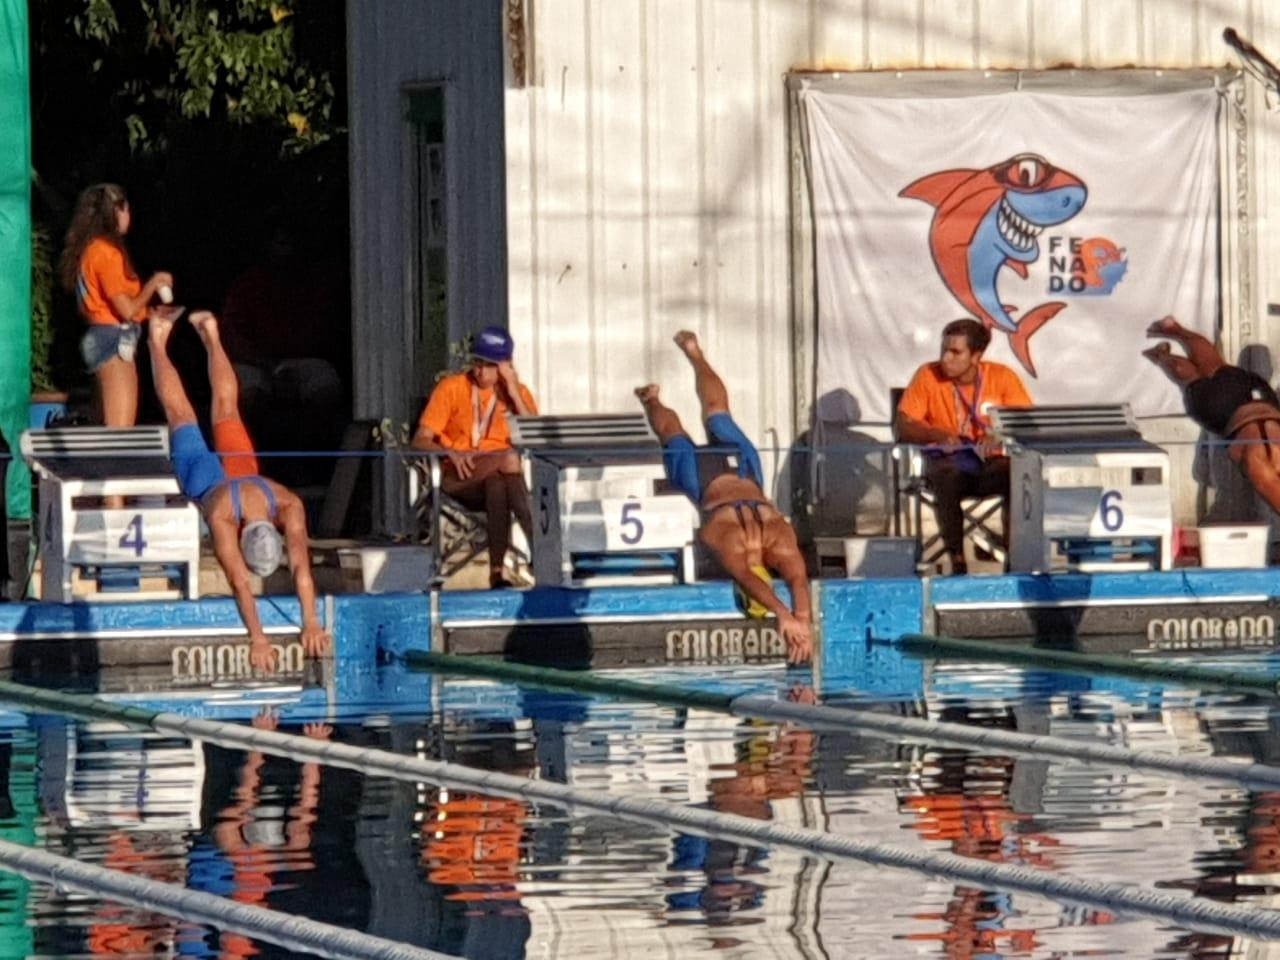 Destacada participación de nadadoras locales en el Campeonato República de Natación